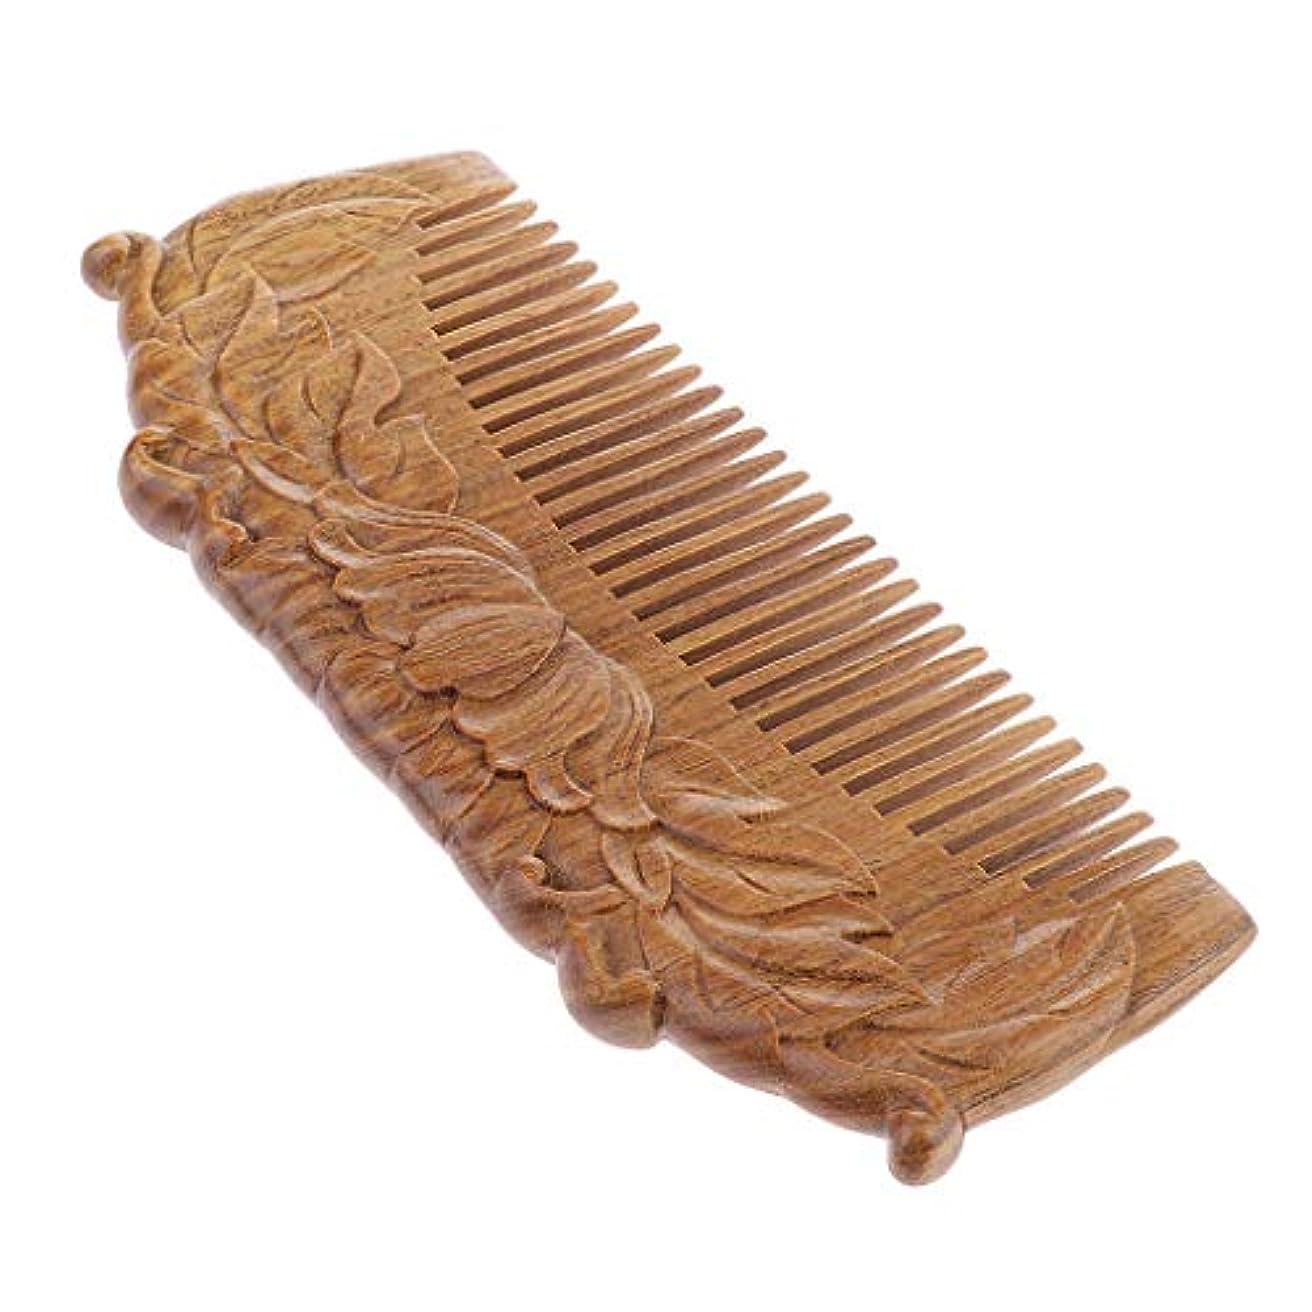 矢印現象守銭奴F Fityle ウッドコーム 木製櫛 高品質 手作り 天然木 帯電防止櫛 頭皮マッサージ ヘアブラシ